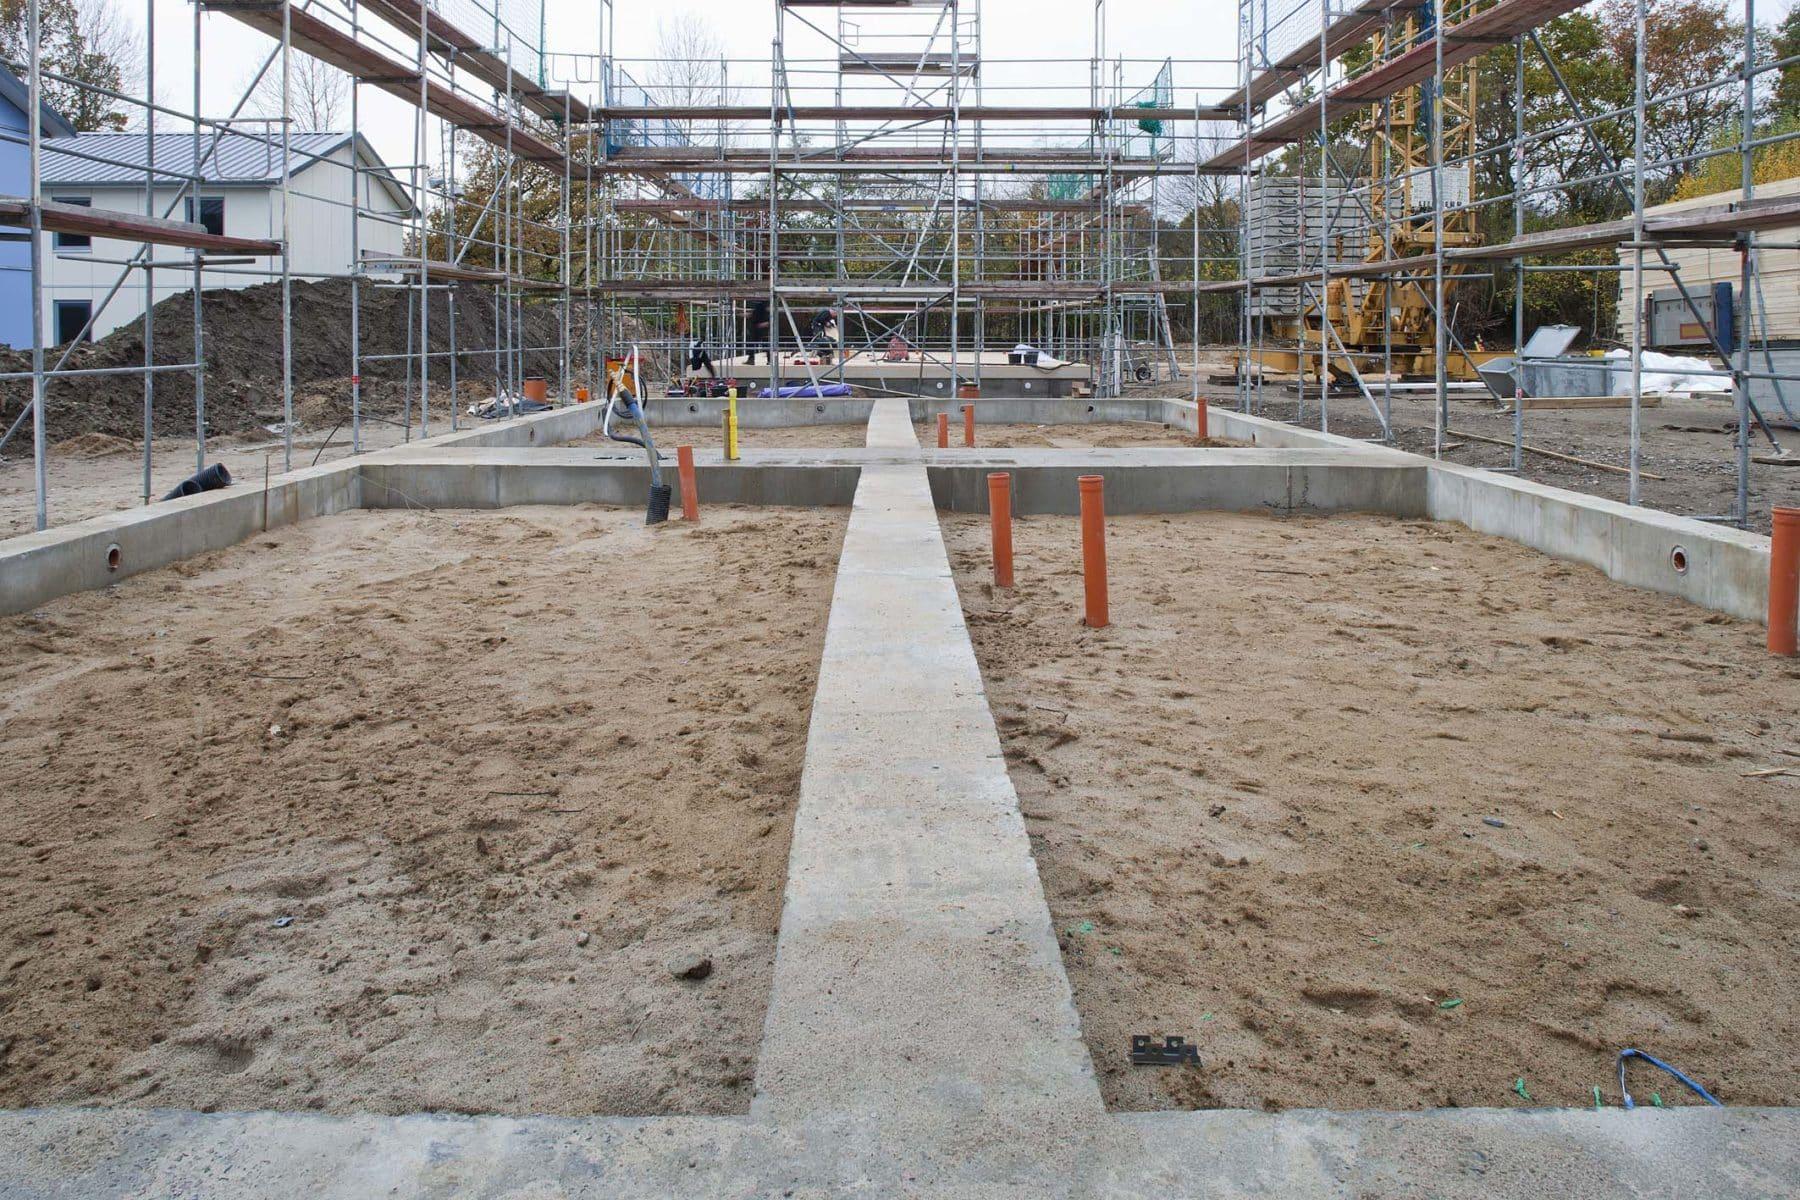 Streifenfundament - Bildquelle: Brüggemann Holzbau GmbH & Co. KG